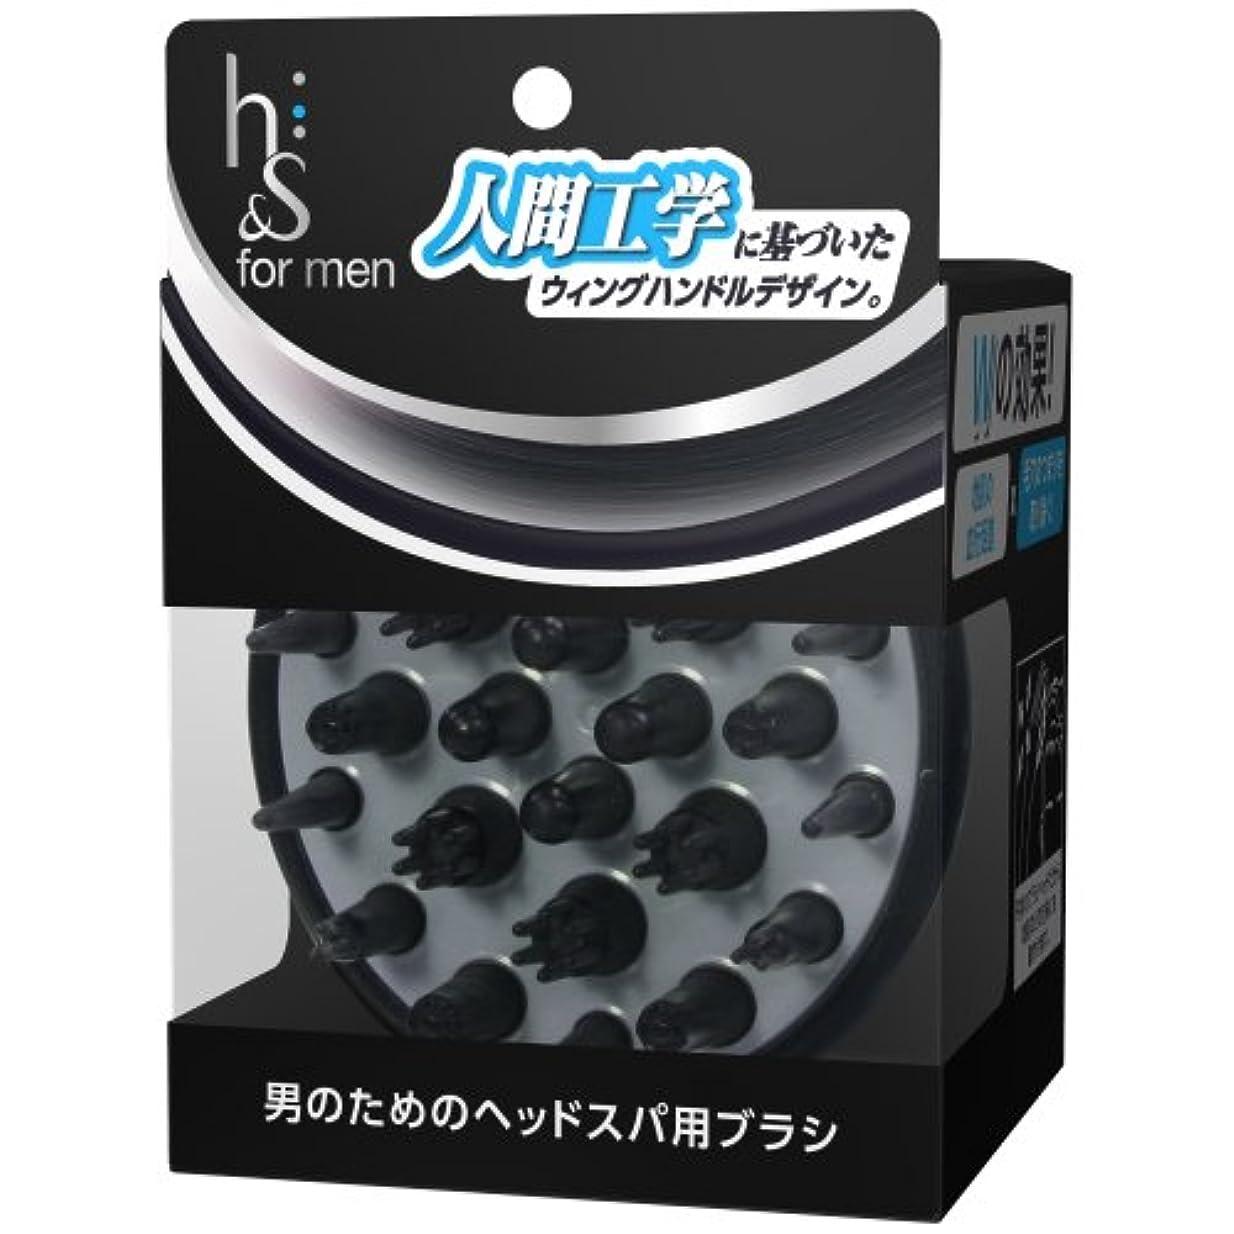 昇進メタン書誌h&s for men 男のためのヘッドスパ用ブラシ